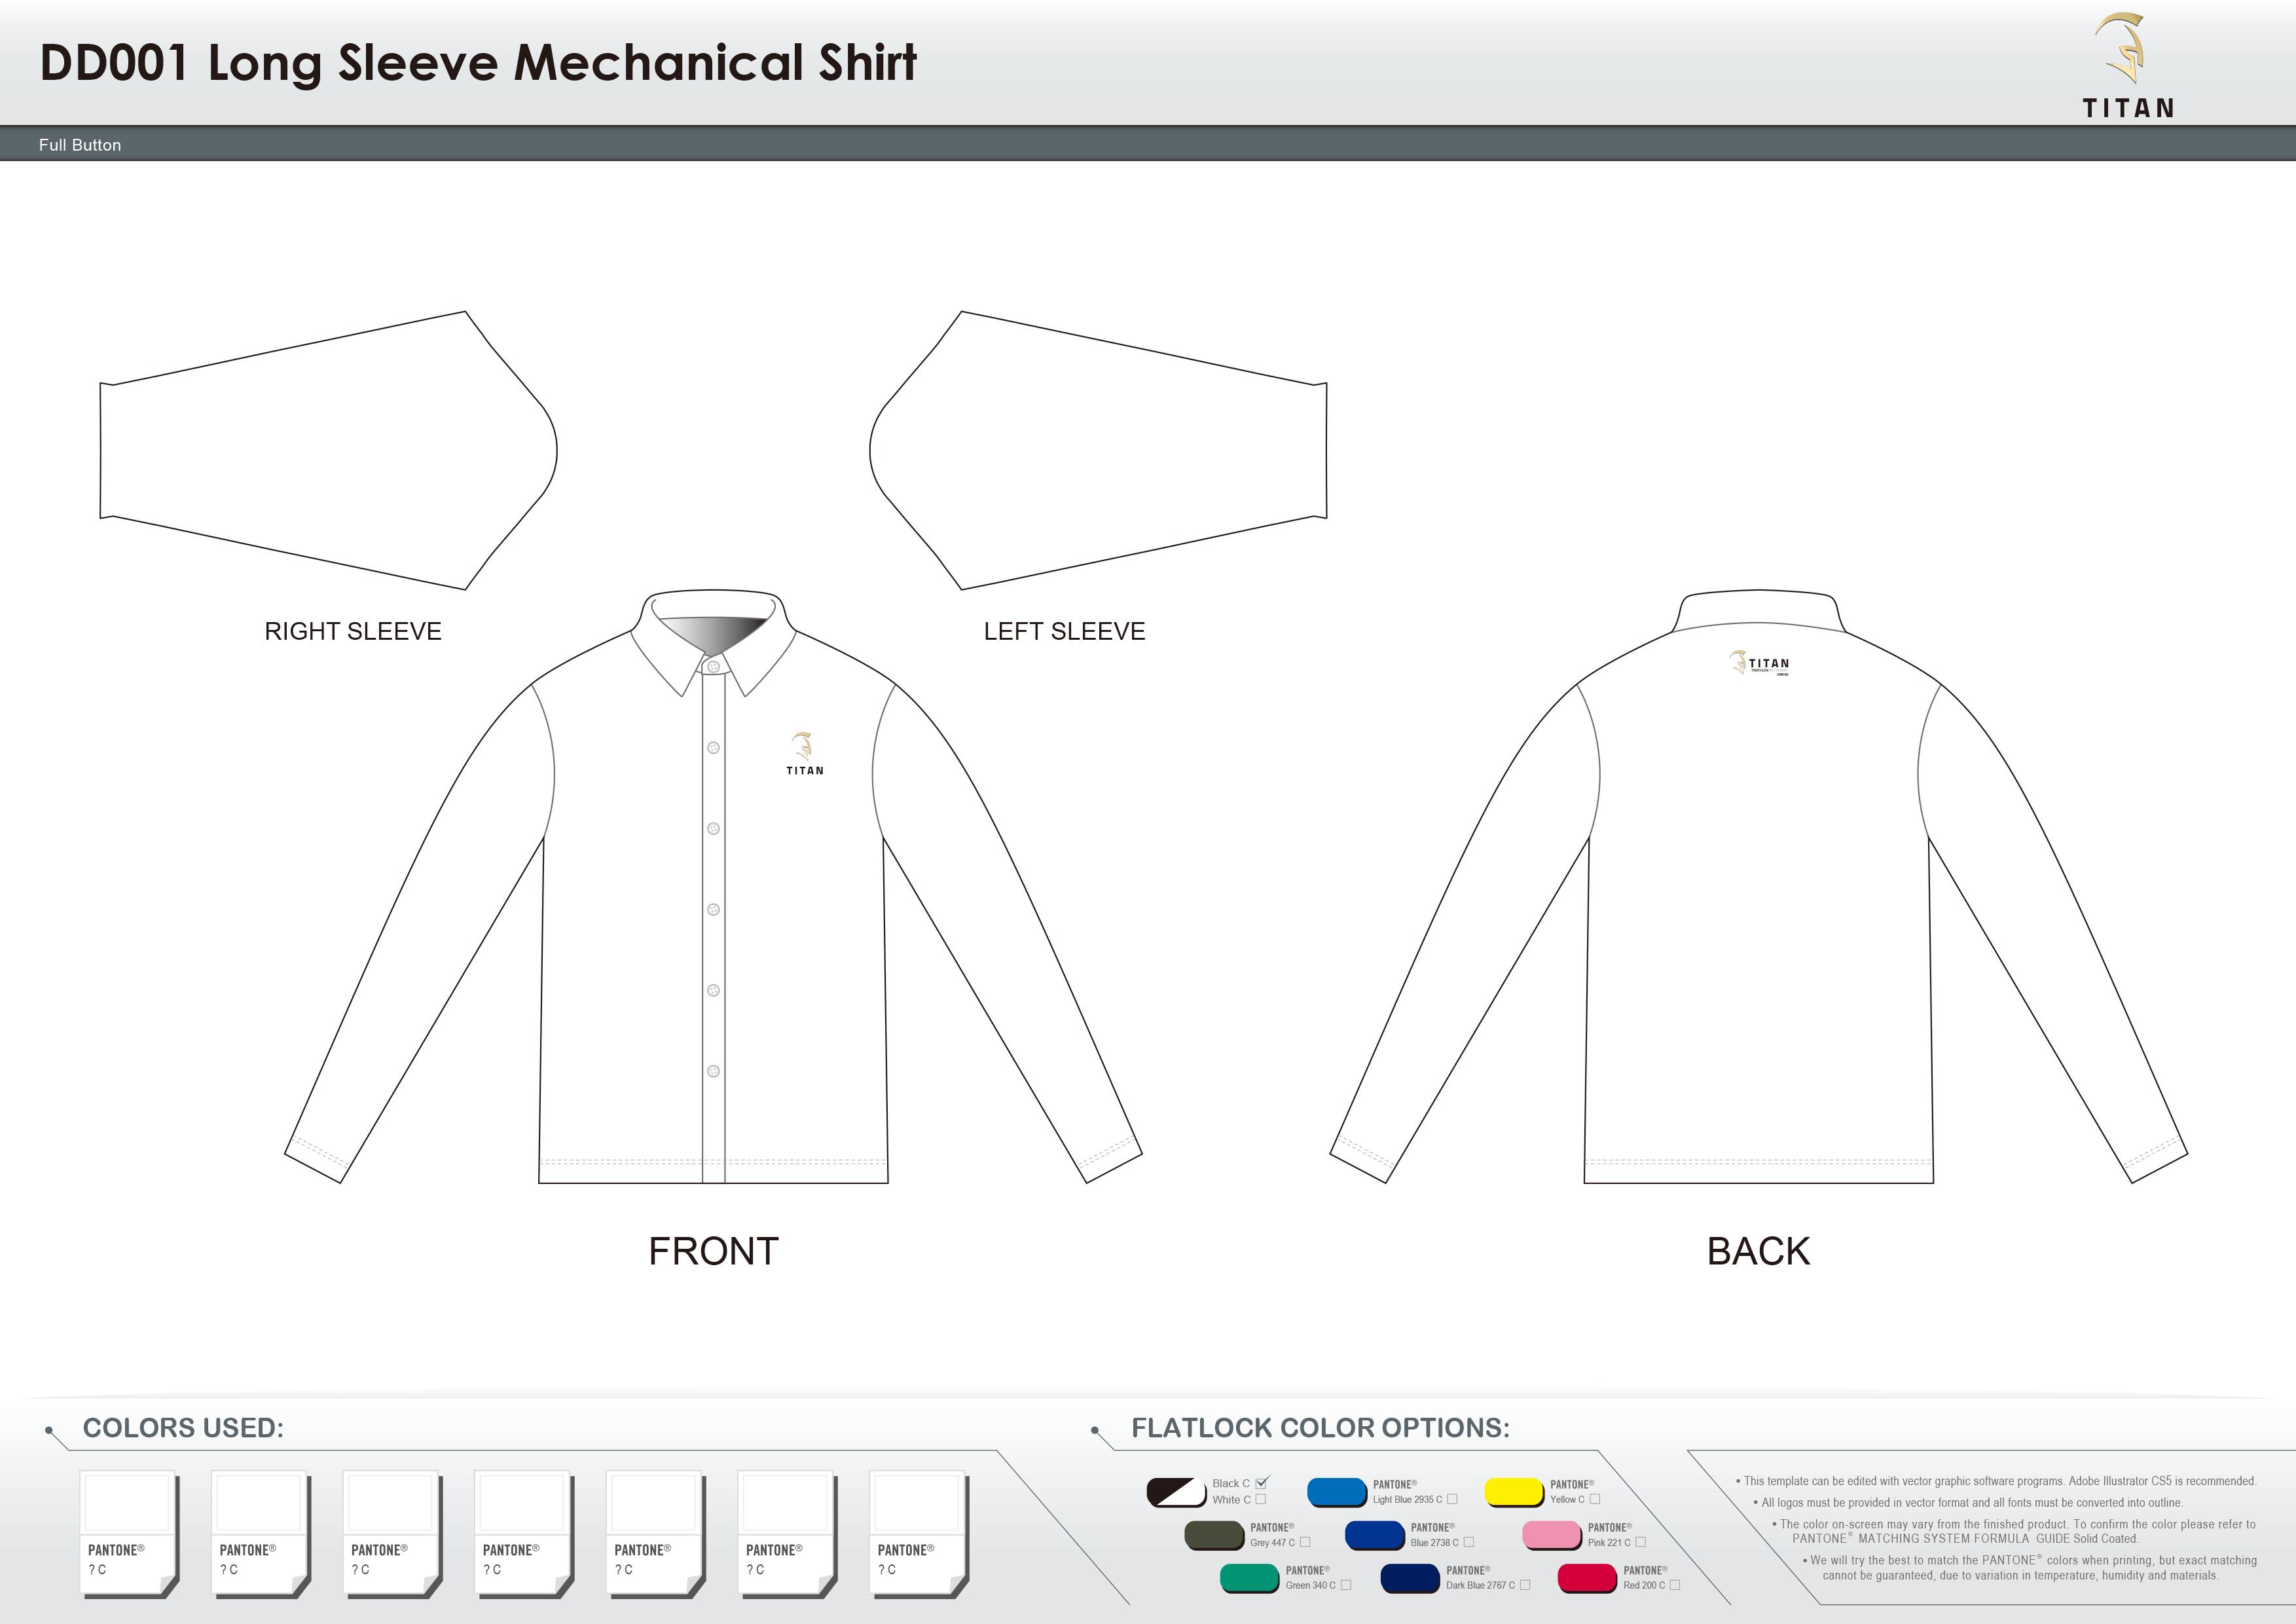 DD001 Long Sleeve Mechanical Shirt